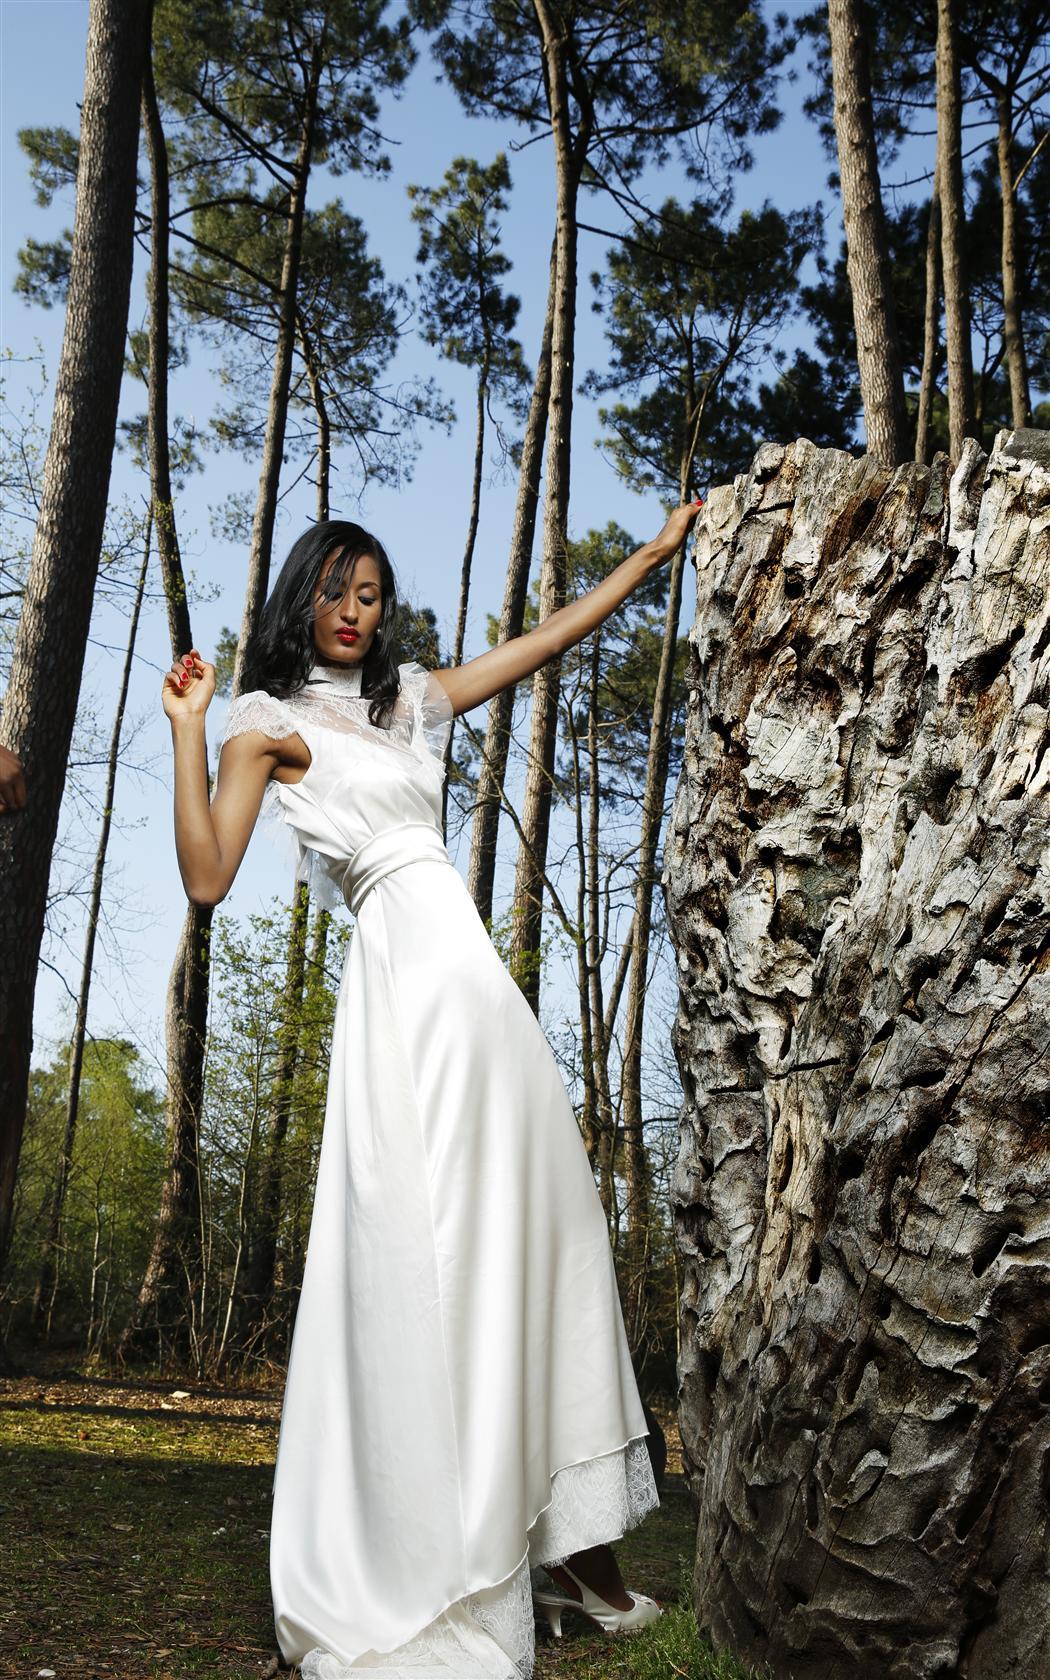 Gwanni l 39 esprit couture collection printemps t 2014 - Liste de mariage printemps ...